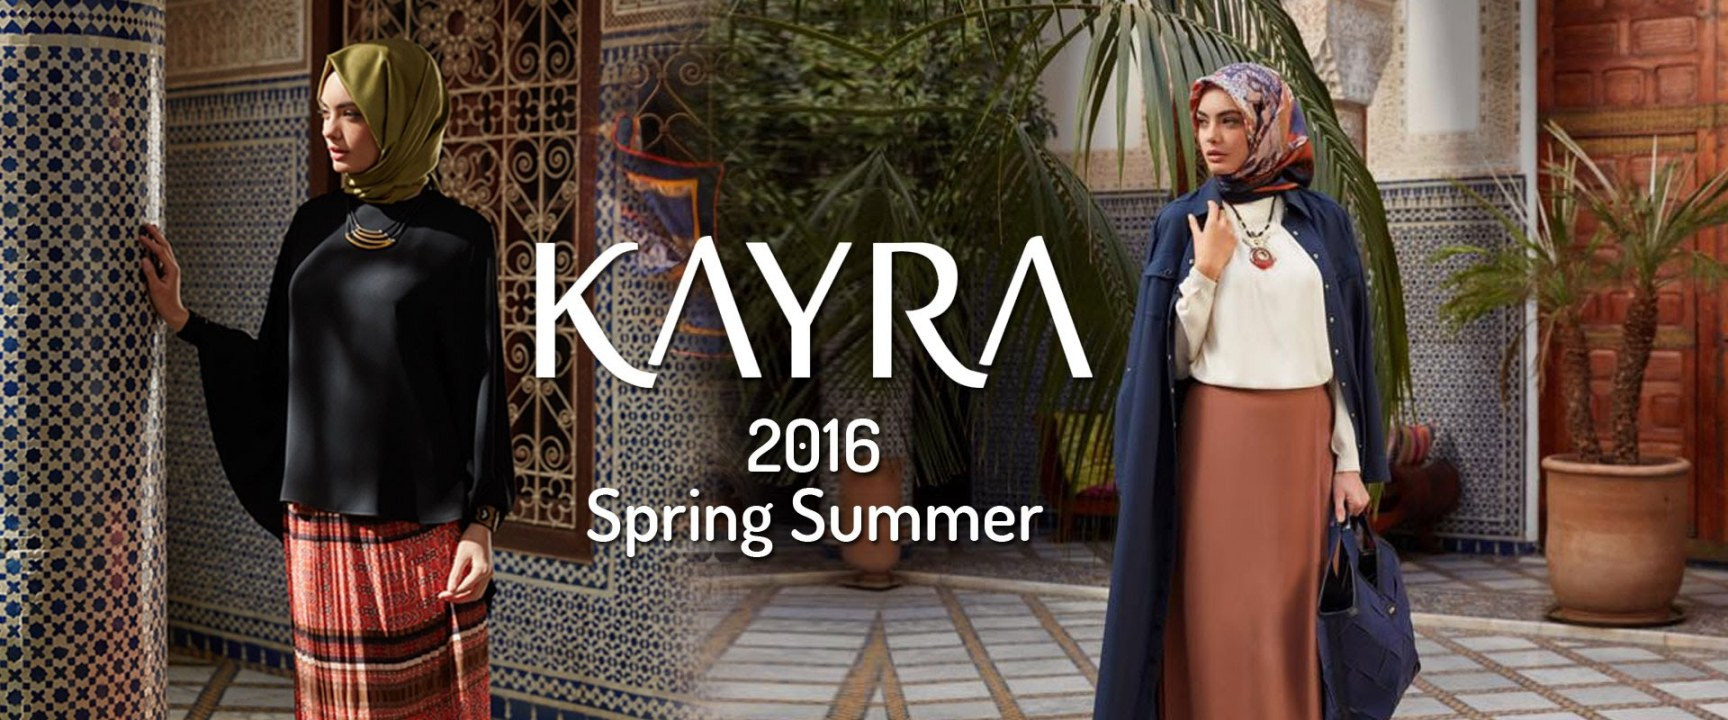 47189797eec87 Kayra 2016 İlkbahar Yaz Koleksiyonu | İzlesene.com